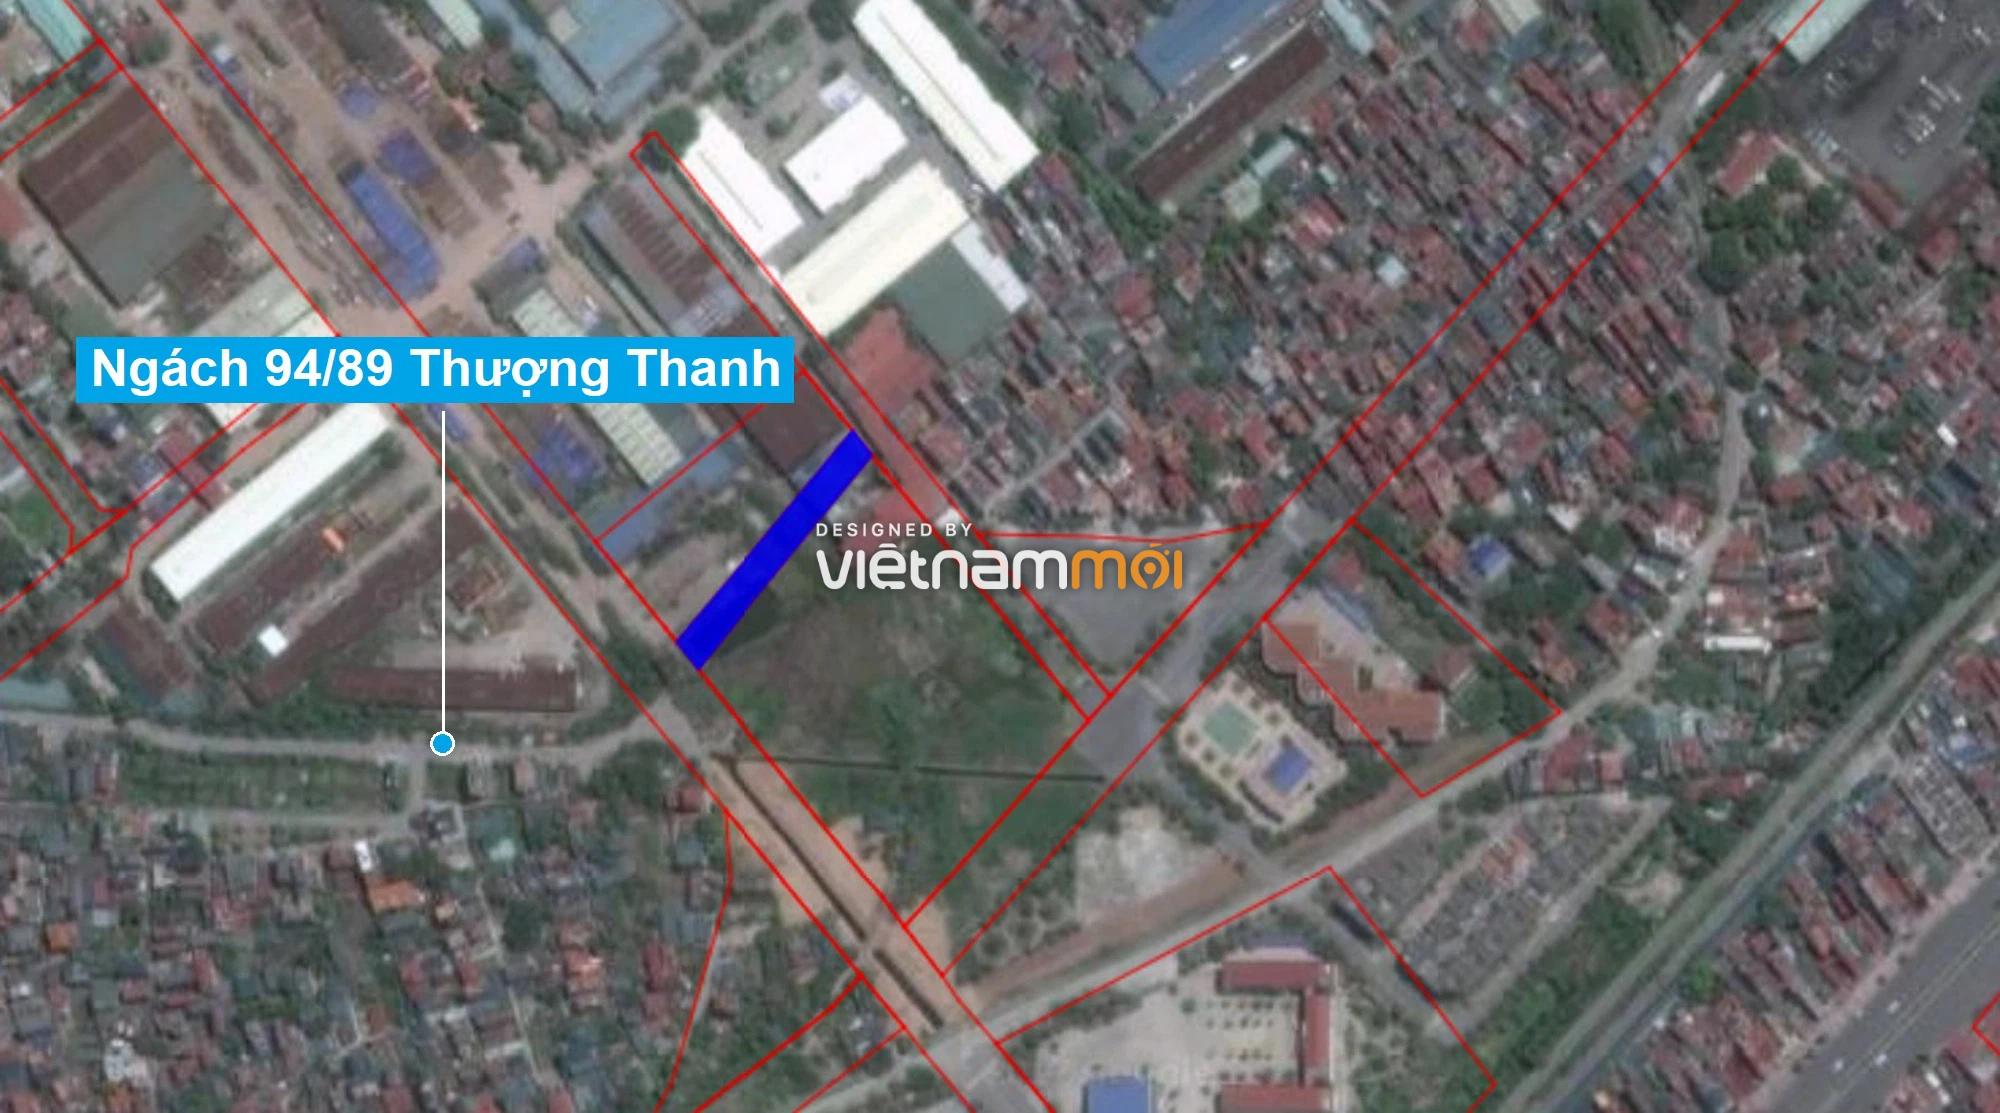 Những khu đất sắp thu hồi để mở đường ở phường Thượng Thanh, Long Biên, Hà Nội (phần 8) - Ảnh 15.